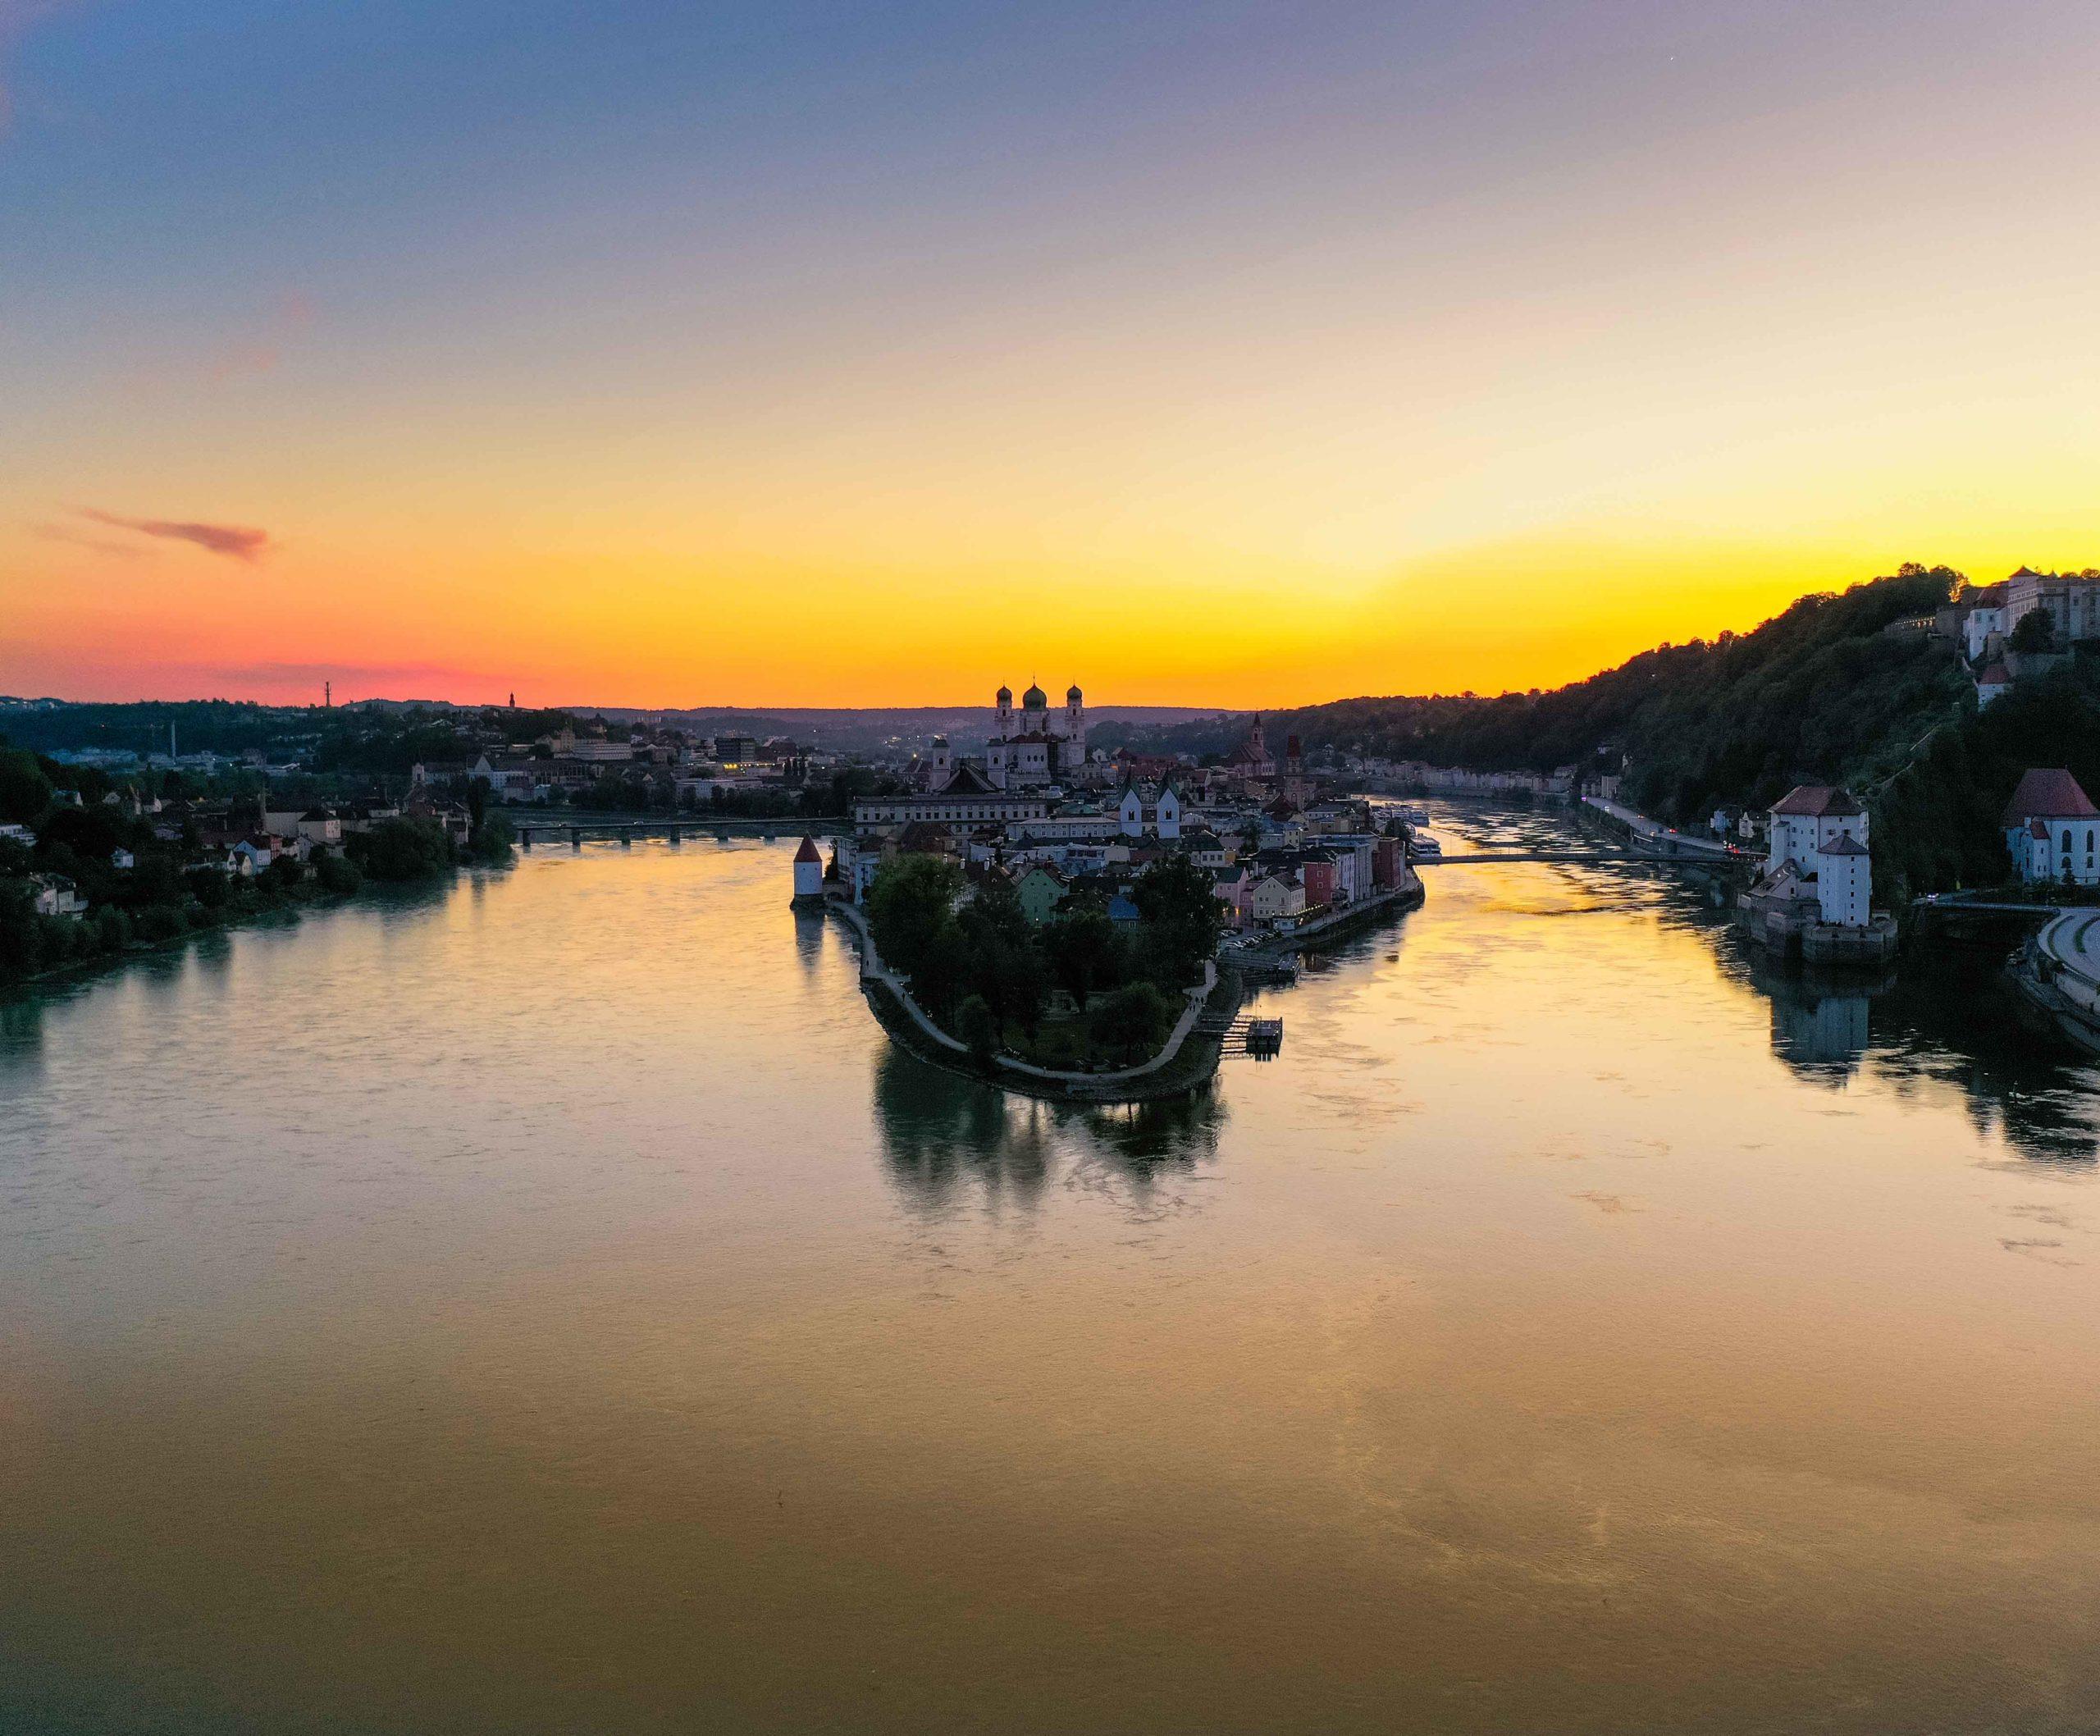 Sonnenuntergang Passau Ortspitze